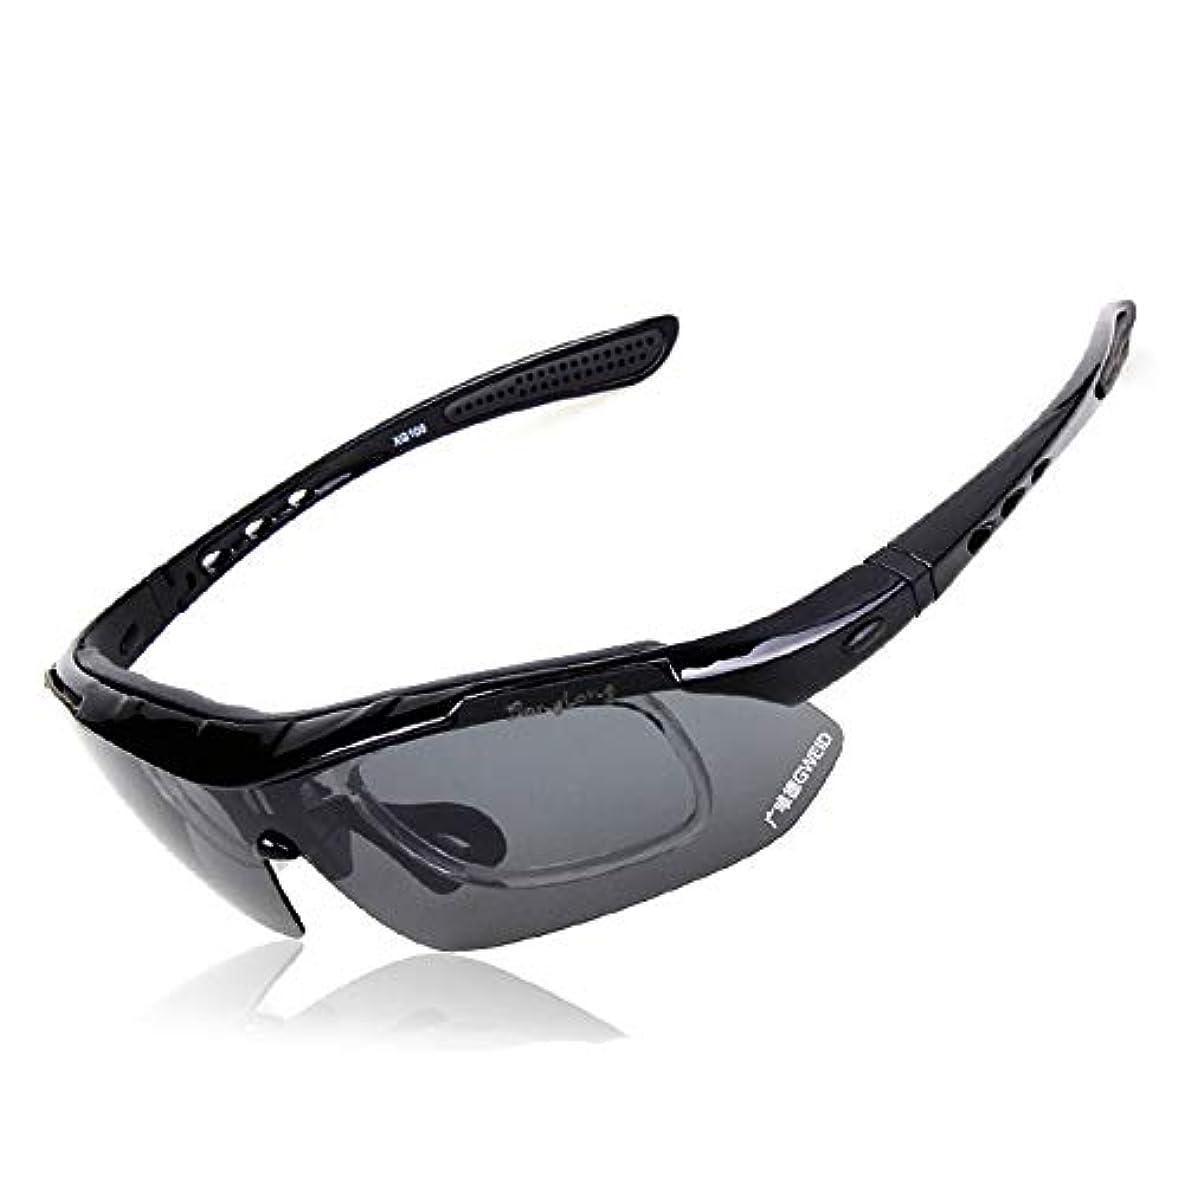 端取るに足らない伸ばすサングラス 偏光は屋外サイクリングドライビングメガネスーツの動き竜巻サイクリングランニングスポーツサングラスにすることができます, ファッションサングラス